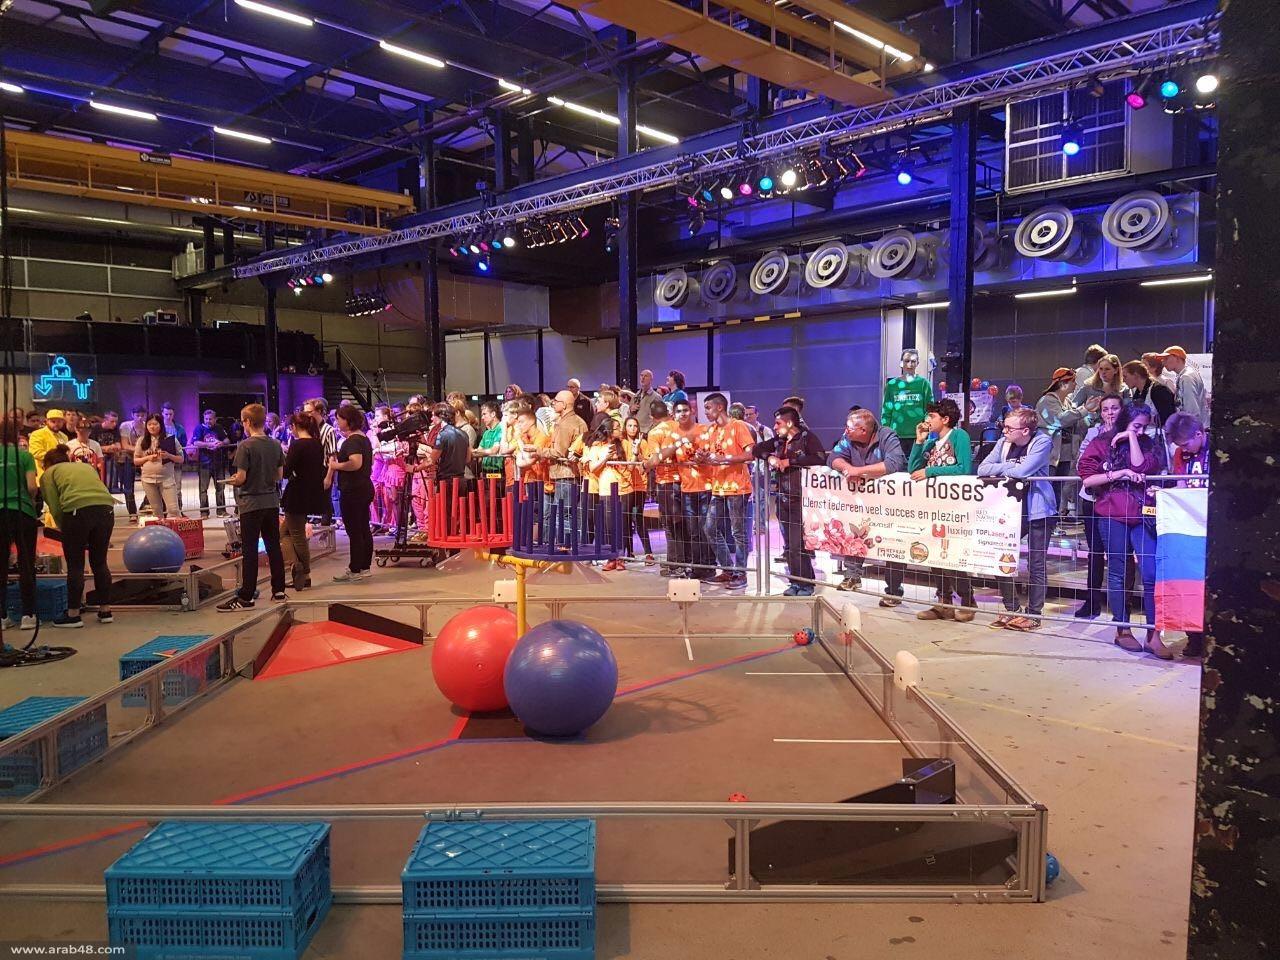 ثانوية جت الثالثة عالميا بمسابقة الريبوتيكا بهولندا